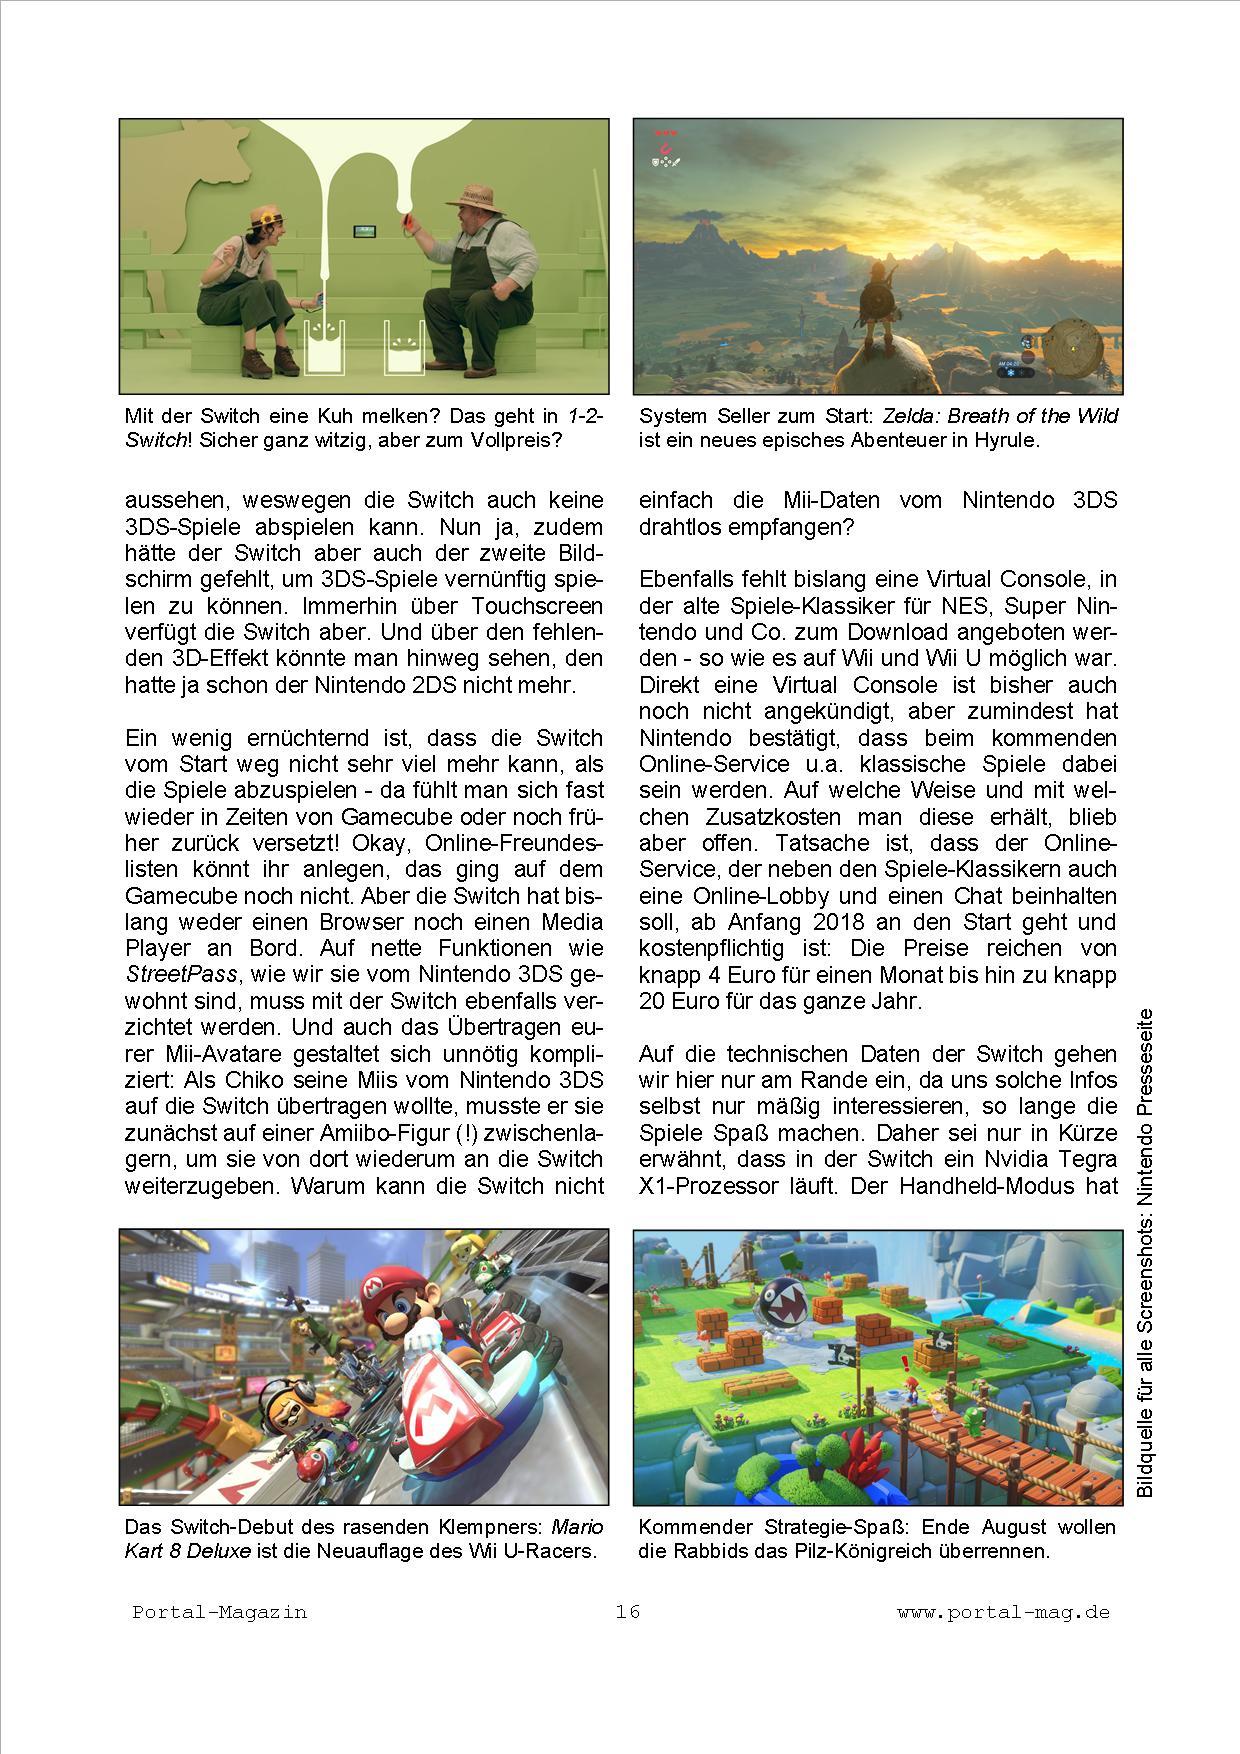 Ausgabe 37, Seite 16